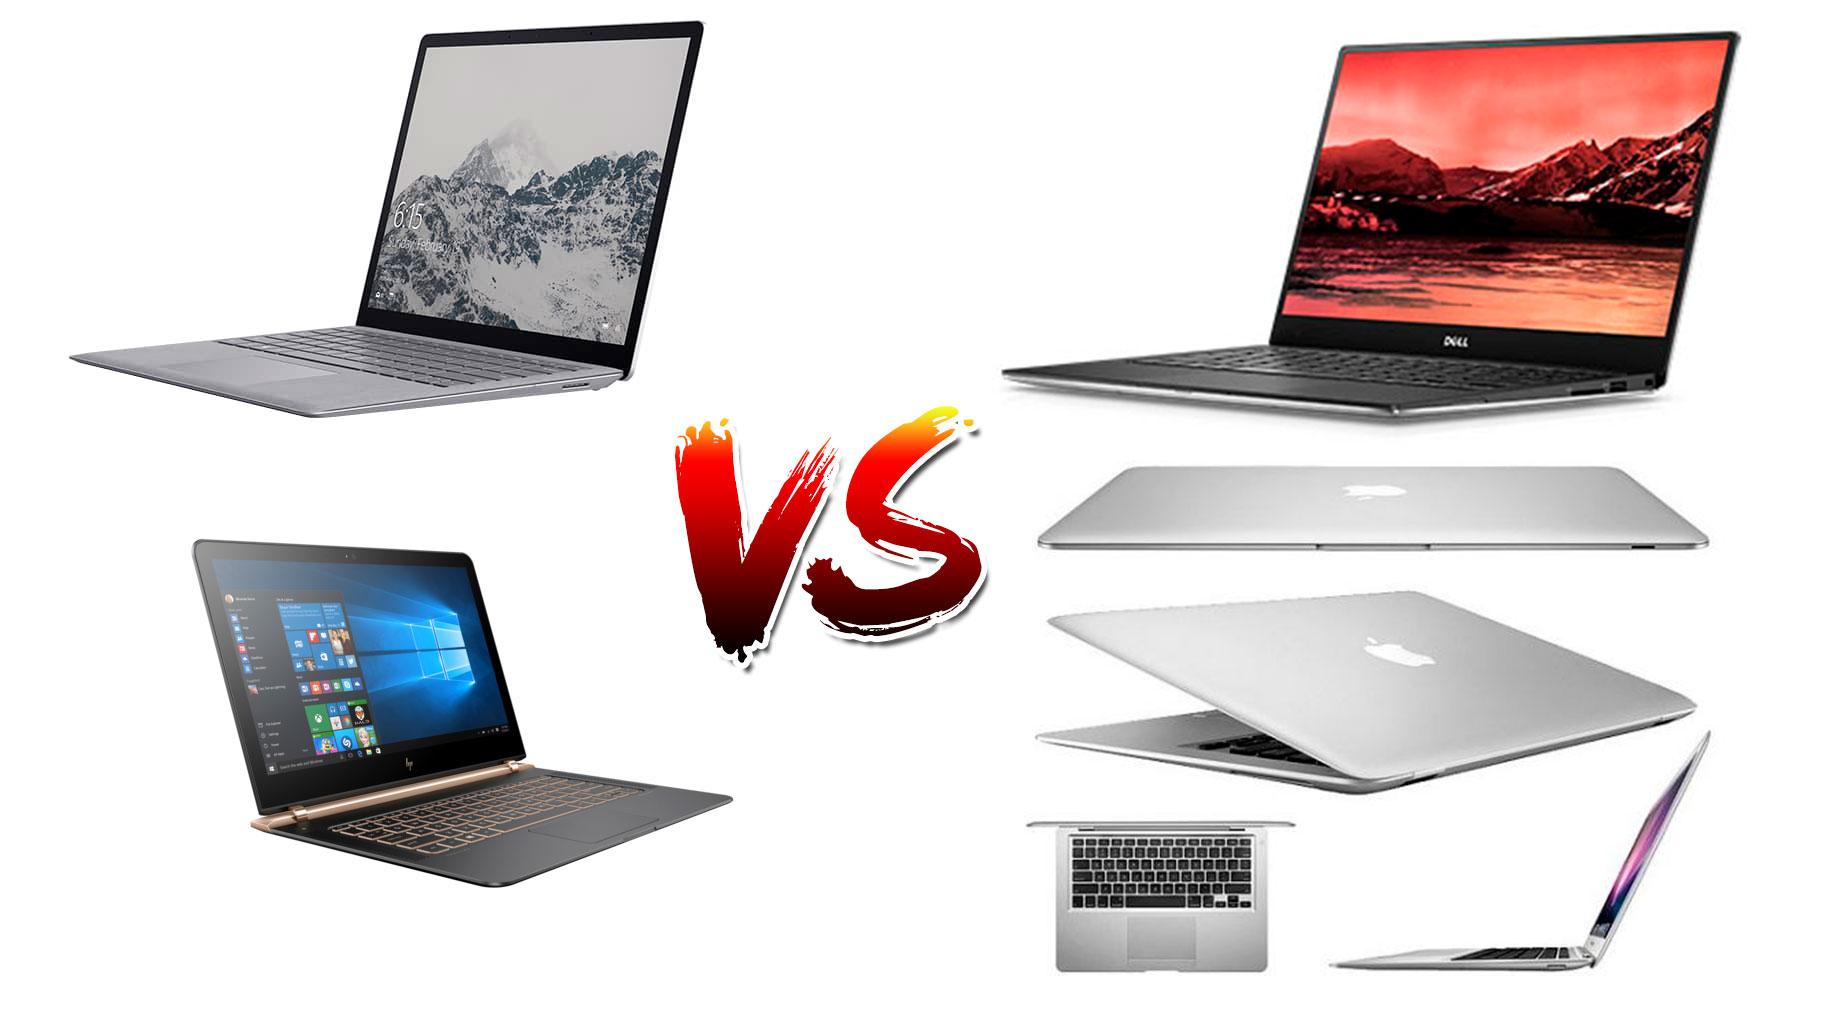 Photo of Alternativas al nuevo Microsoft Surface vs Dell XPS 13 vs Spectre 13 vs Macbook Air 13